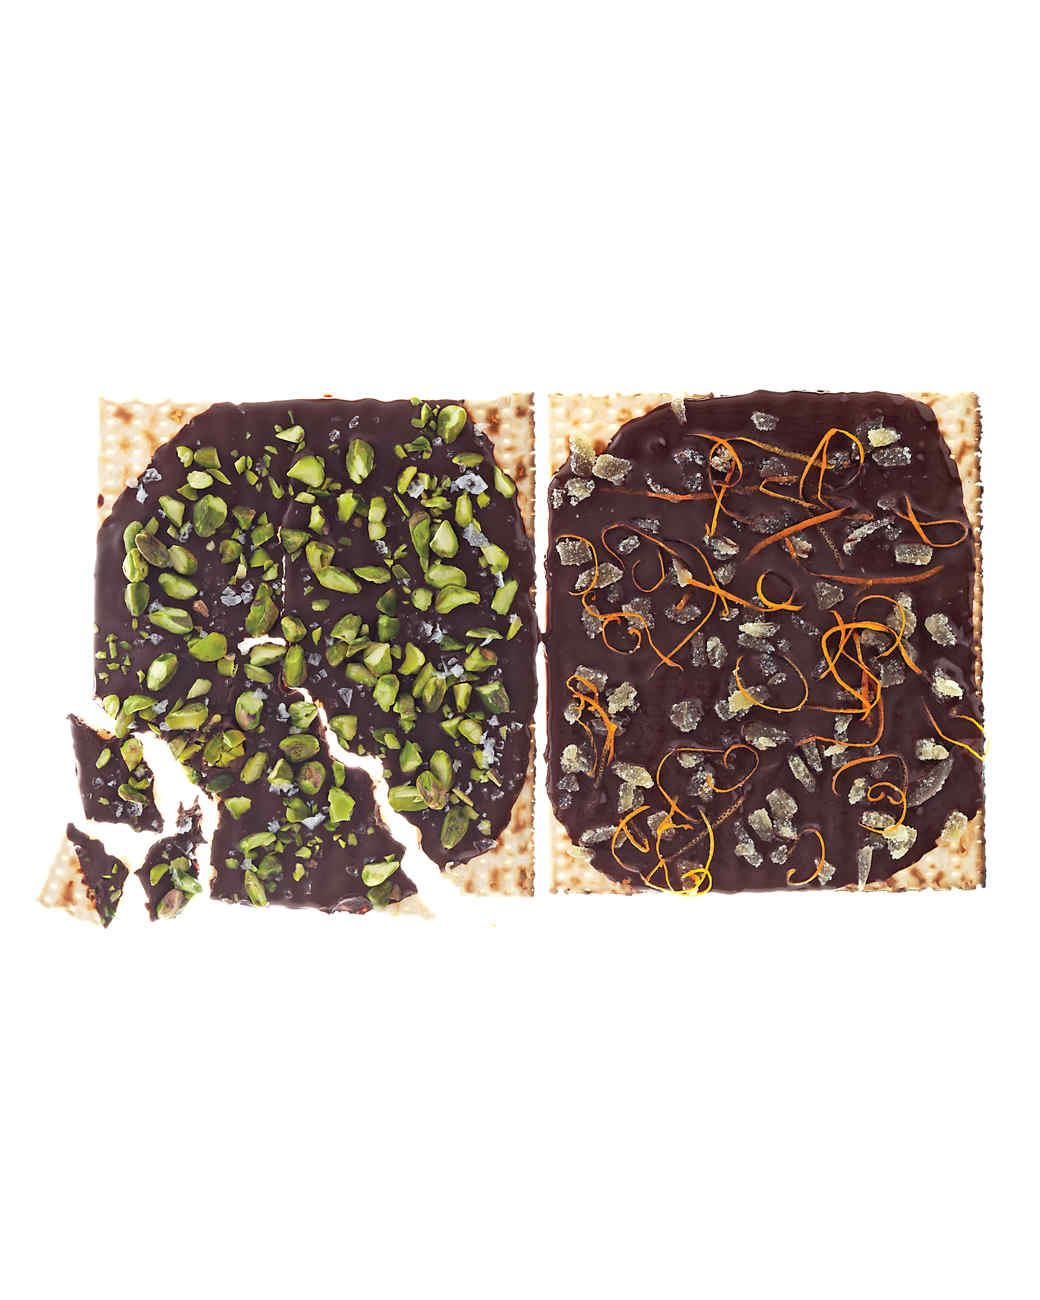 chocolate-matzo-0171-mld109693.jpg